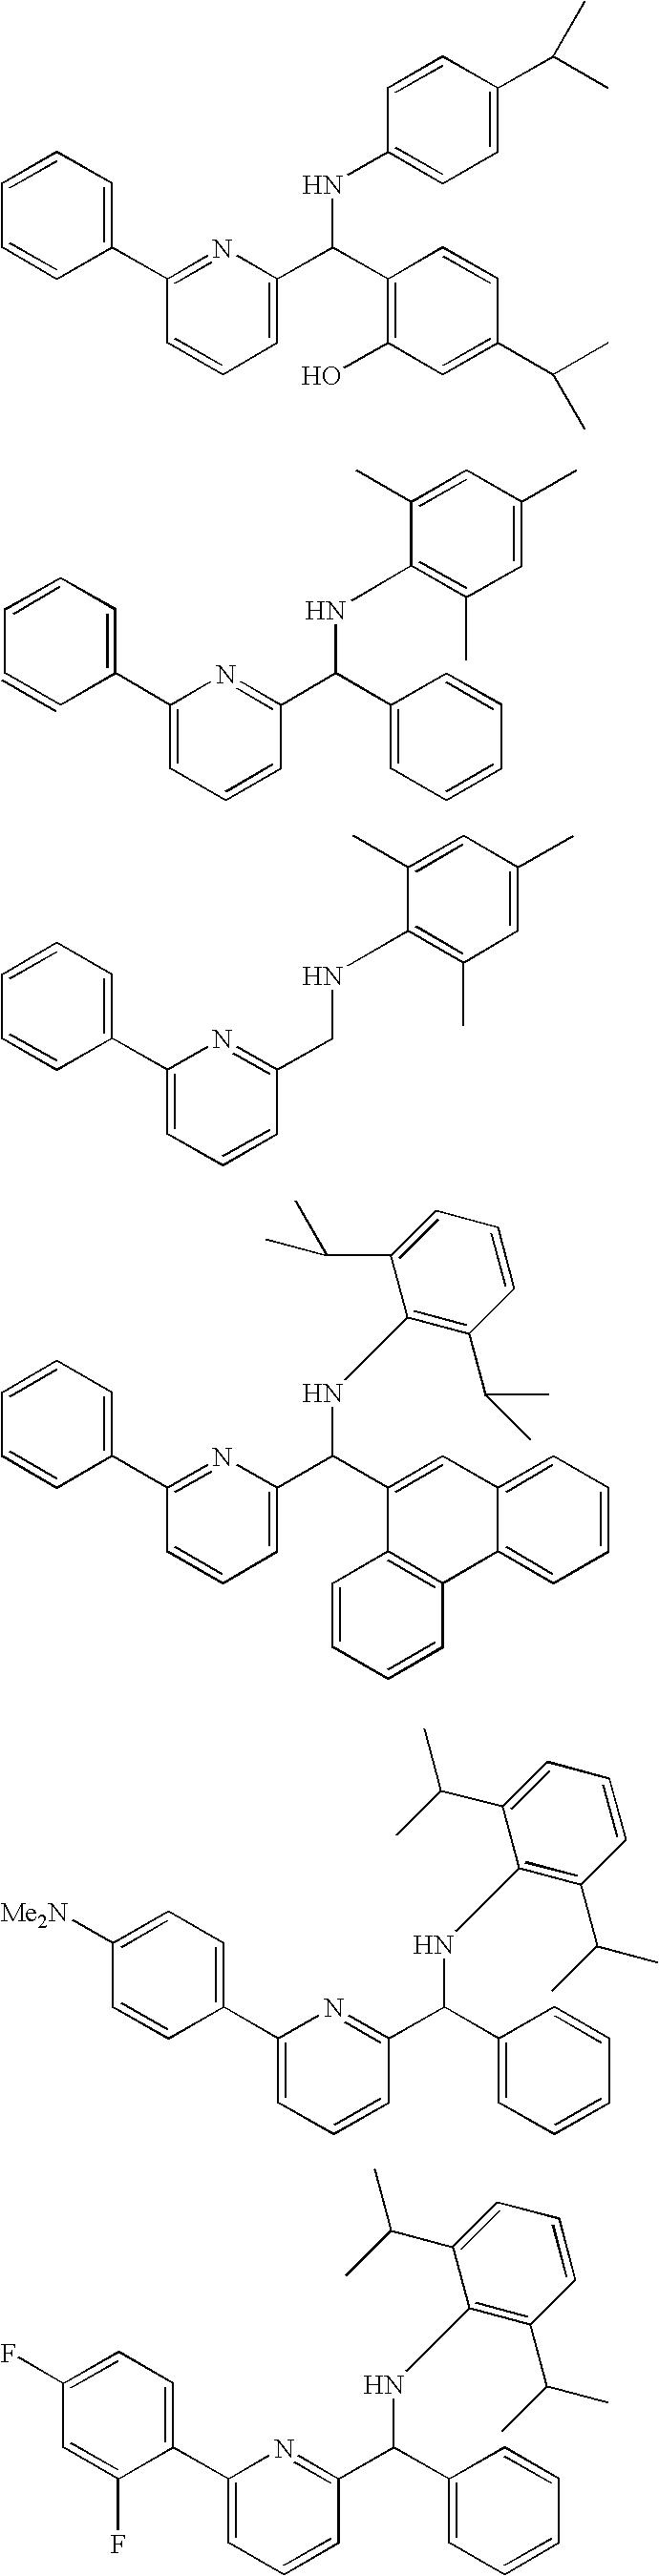 Figure US06900321-20050531-C00020